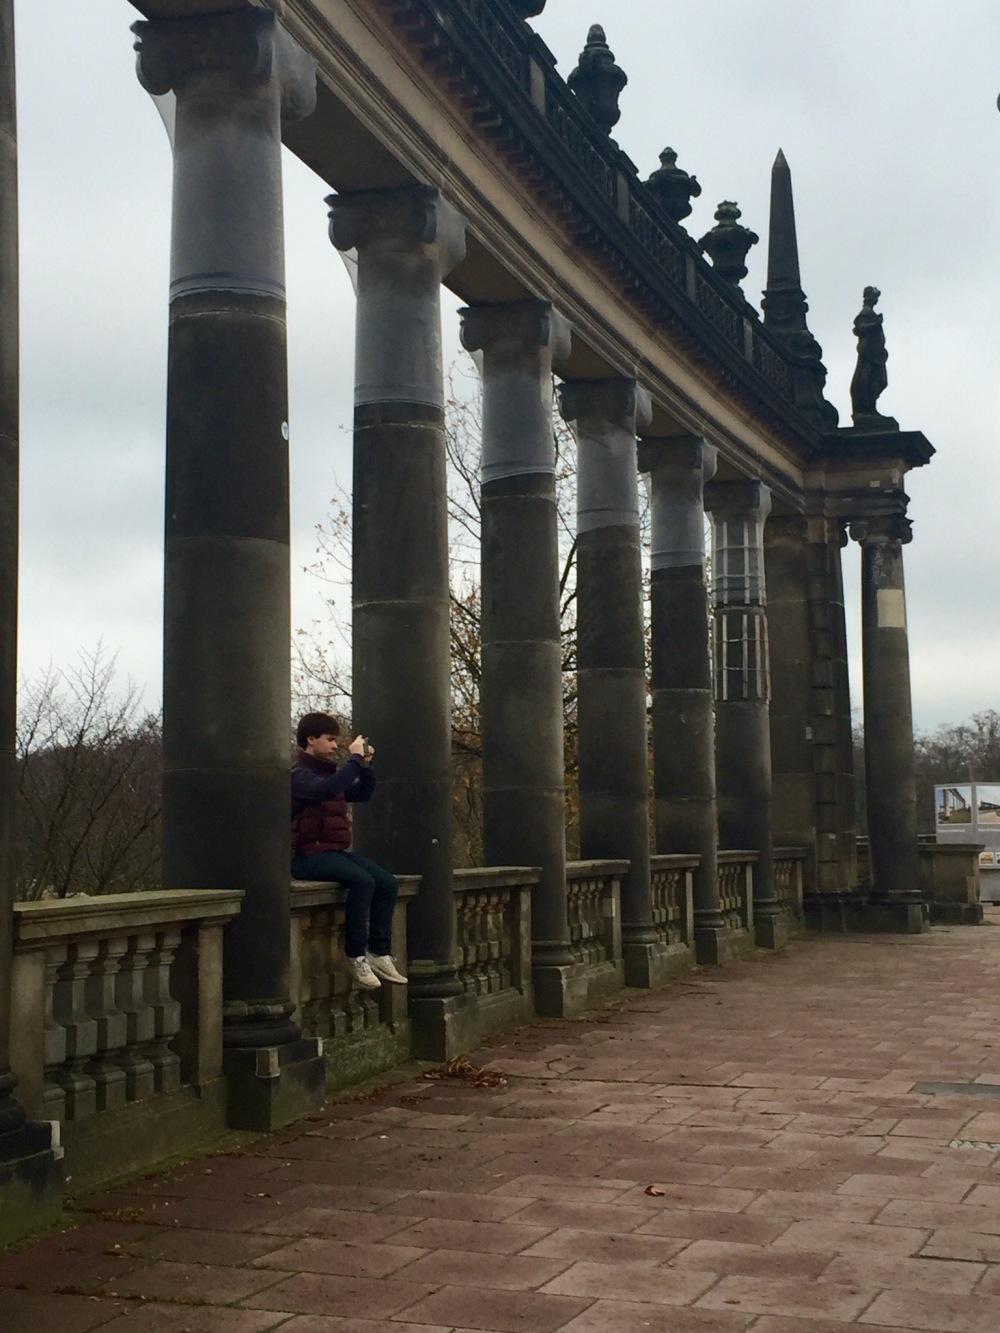 Entering Potsdam!